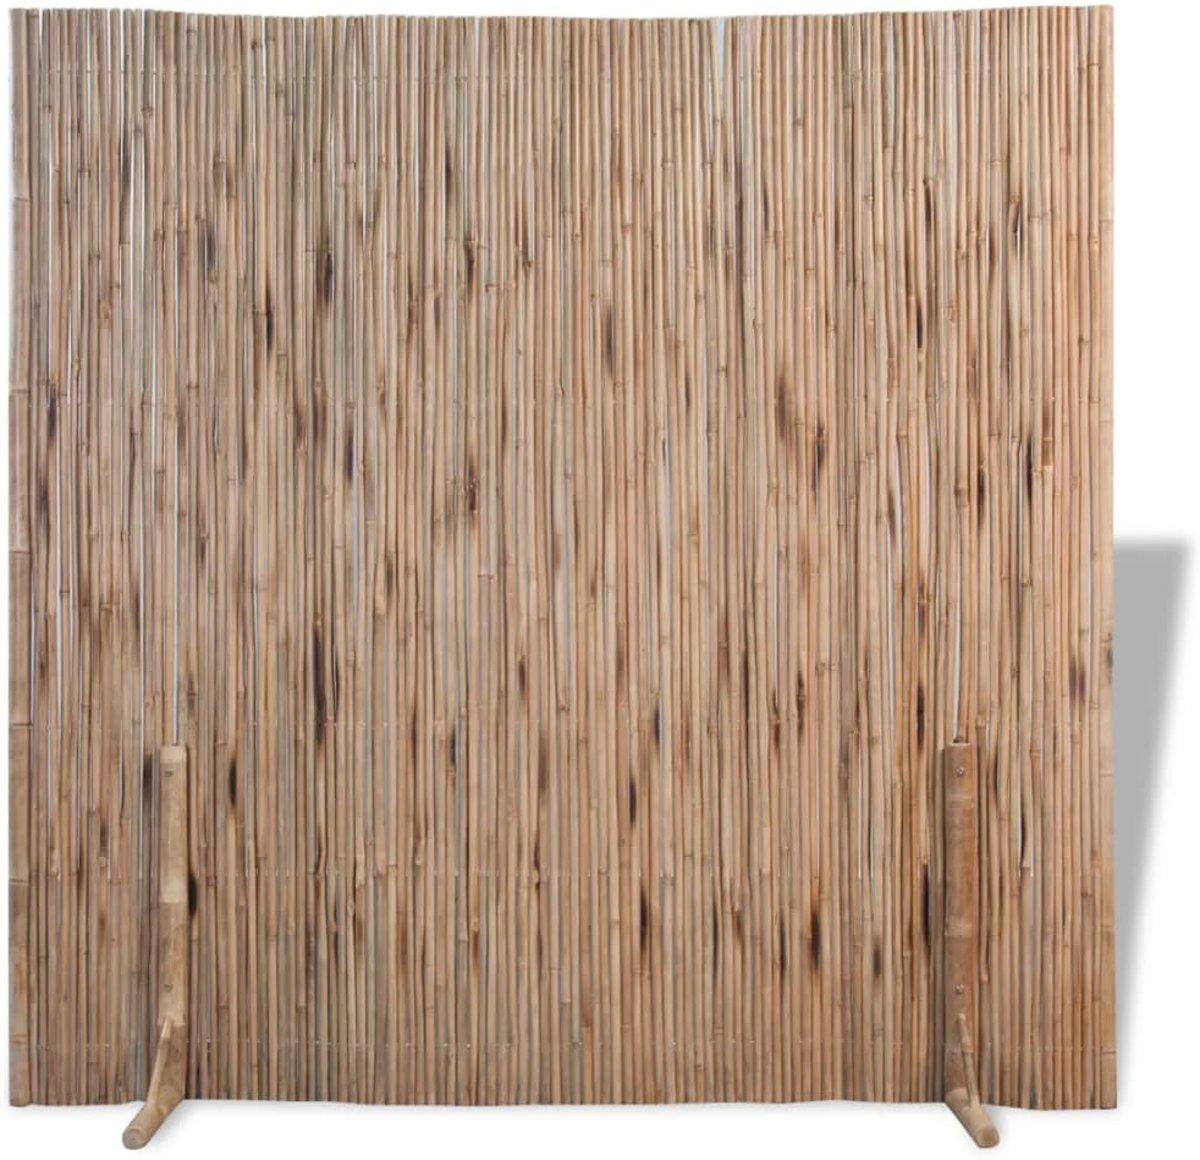 vidaXL Ruimteverdeler/schuttingpaneel 180 x cm bamboe kopen